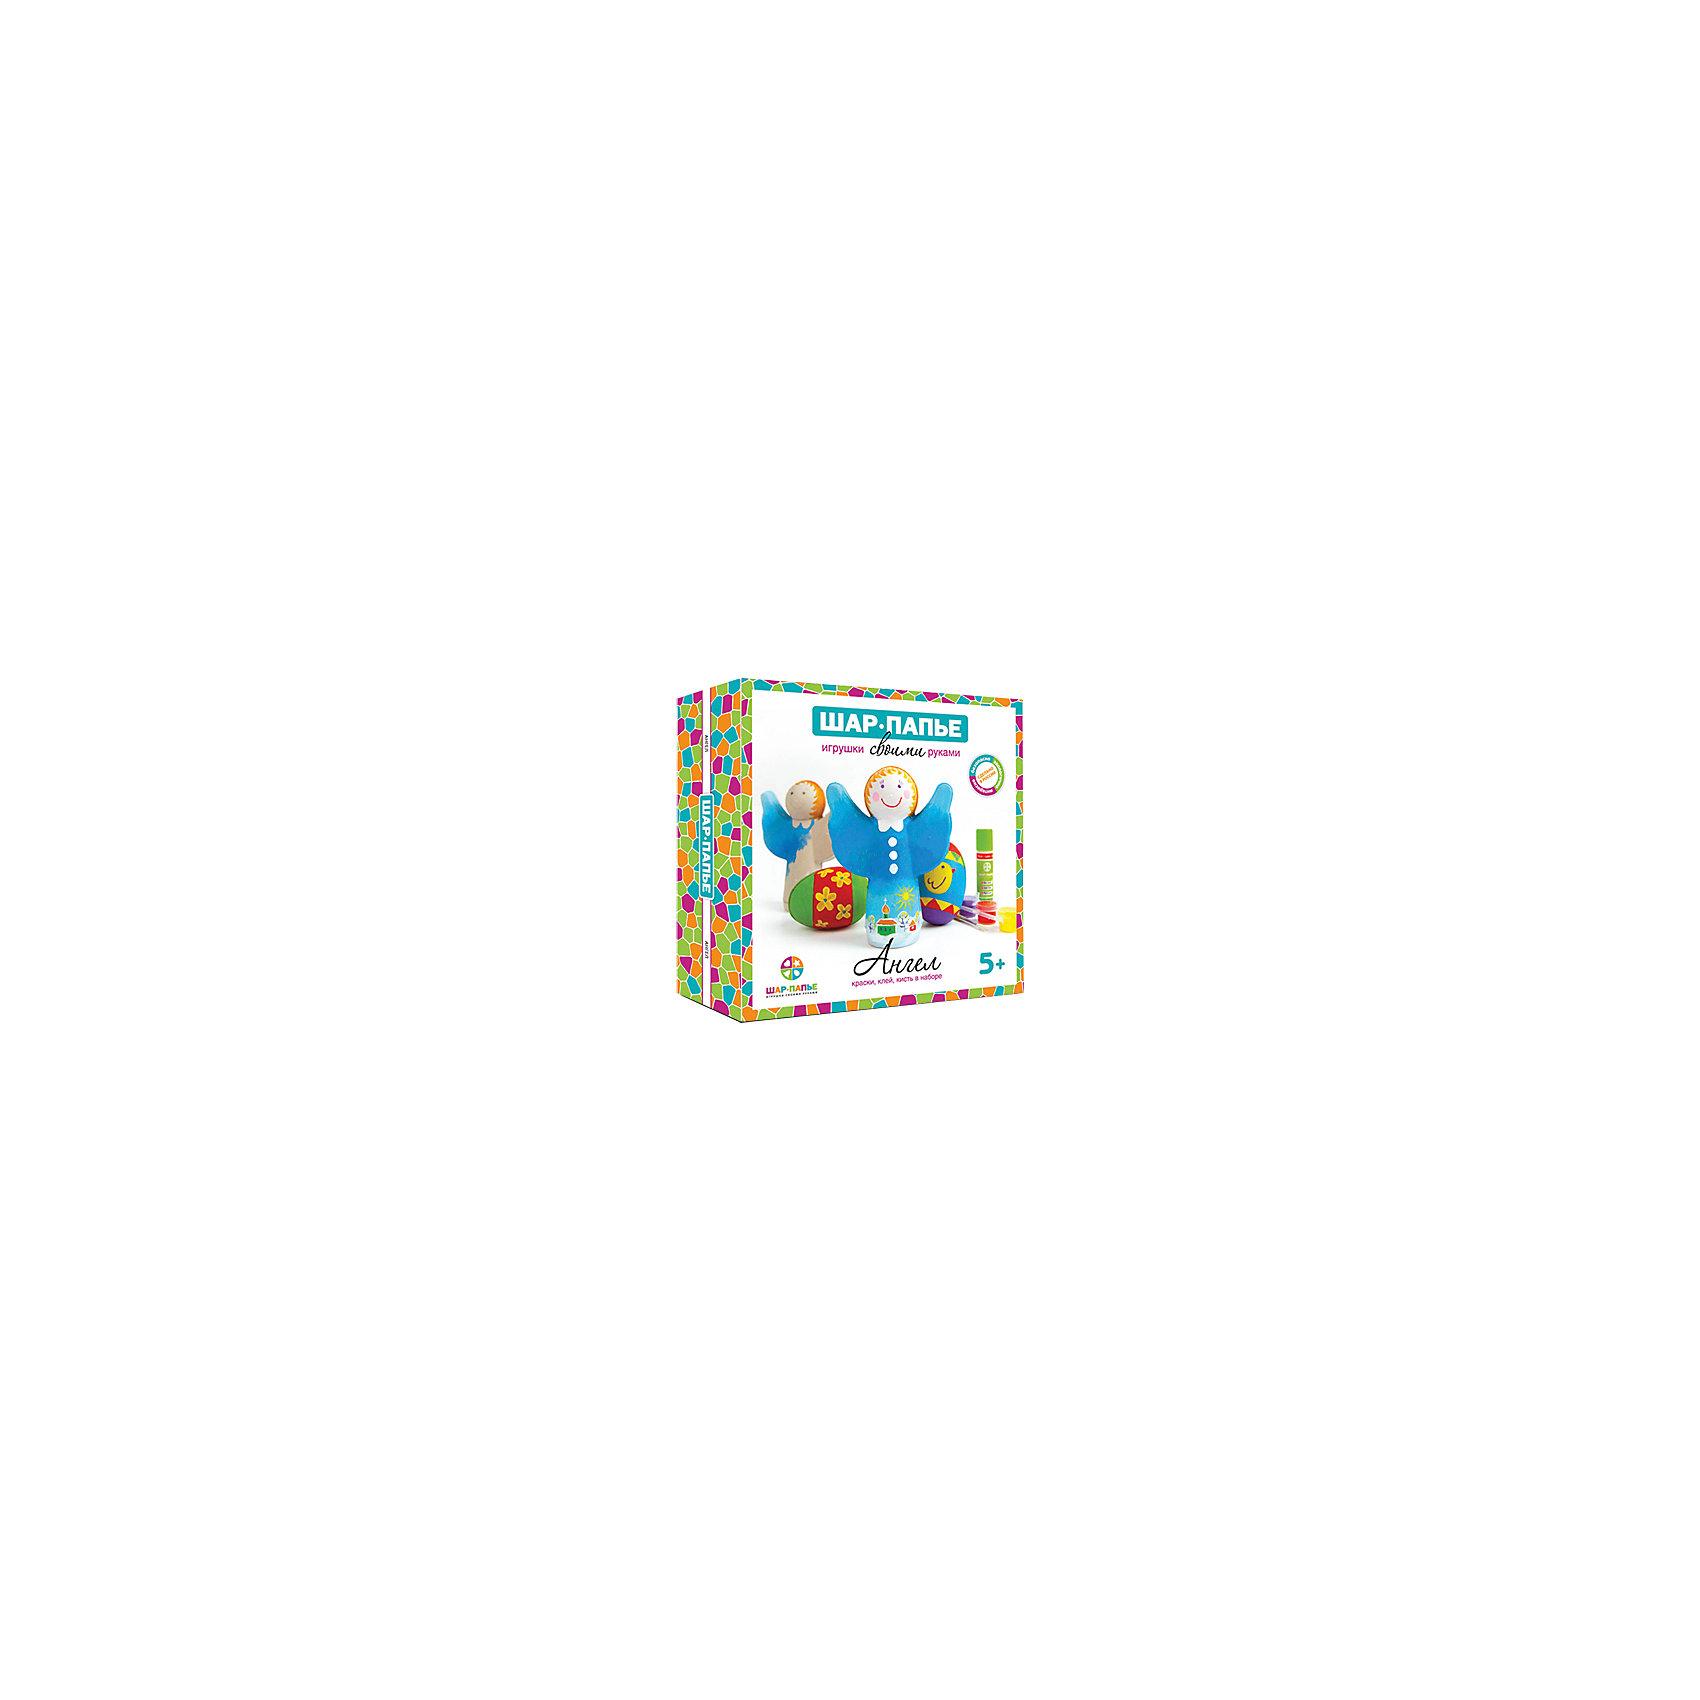 Набор для раскрашивания Ангел из Шар-ПапьеНаборы для раскрашивания<br>Набор для раскрашивания Ангел из Шар-Папье – этот набор совмещает в себе интересный досуг и неограниченный простор для творчества.<br>С набором Ангел из Шар-Папье ваш ребенок сделает свой первый шаг в мир искусства, создавая чудесные игрушки ручной работы. Игрушки, которые ему предстоит сотворить, представляют собой объемную фигурку ангела и 2 яйца. Сначала нужно соединить части фигурок, изготовленные по технологии шар-папье, а затем расписать фигурки так, как подскажет фантазия. Придуманный уникальный дизайн сделает игрушки неповторимыми и притягивающими взгляды. Творческий процесс заинтересует и взрослого, ведь возможности для декорирования игрушек по-настоящему безграничны. А это значит, что набор для раскрашивания Ангел из Шар-Папье идеально подойдет для совместного семейного творчества и наполнит ваши домашние вечера новыми радостными впечатлениями.<br><br>Дополнительная информация:<br><br>- В наборе: заготовки из прессованной бумажной массы (папье-маше), вставки из гофрокартона, шнурок, краски 6 цветов, кисть, клей, подробная инструкция<br>- Размер упаковки: 19,3х19,3х5 см.<br>- Вес: 145 гр.<br><br>Набор для раскрашивания Ангел из Шар-Папье можно купить в нашем интернет-магазине.<br><br>Ширина мм: 193<br>Глубина мм: 193<br>Высота мм: 50<br>Вес г: 145<br>Возраст от месяцев: 36<br>Возраст до месяцев: 168<br>Пол: Унисекс<br>Возраст: Детский<br>SKU: 4591067